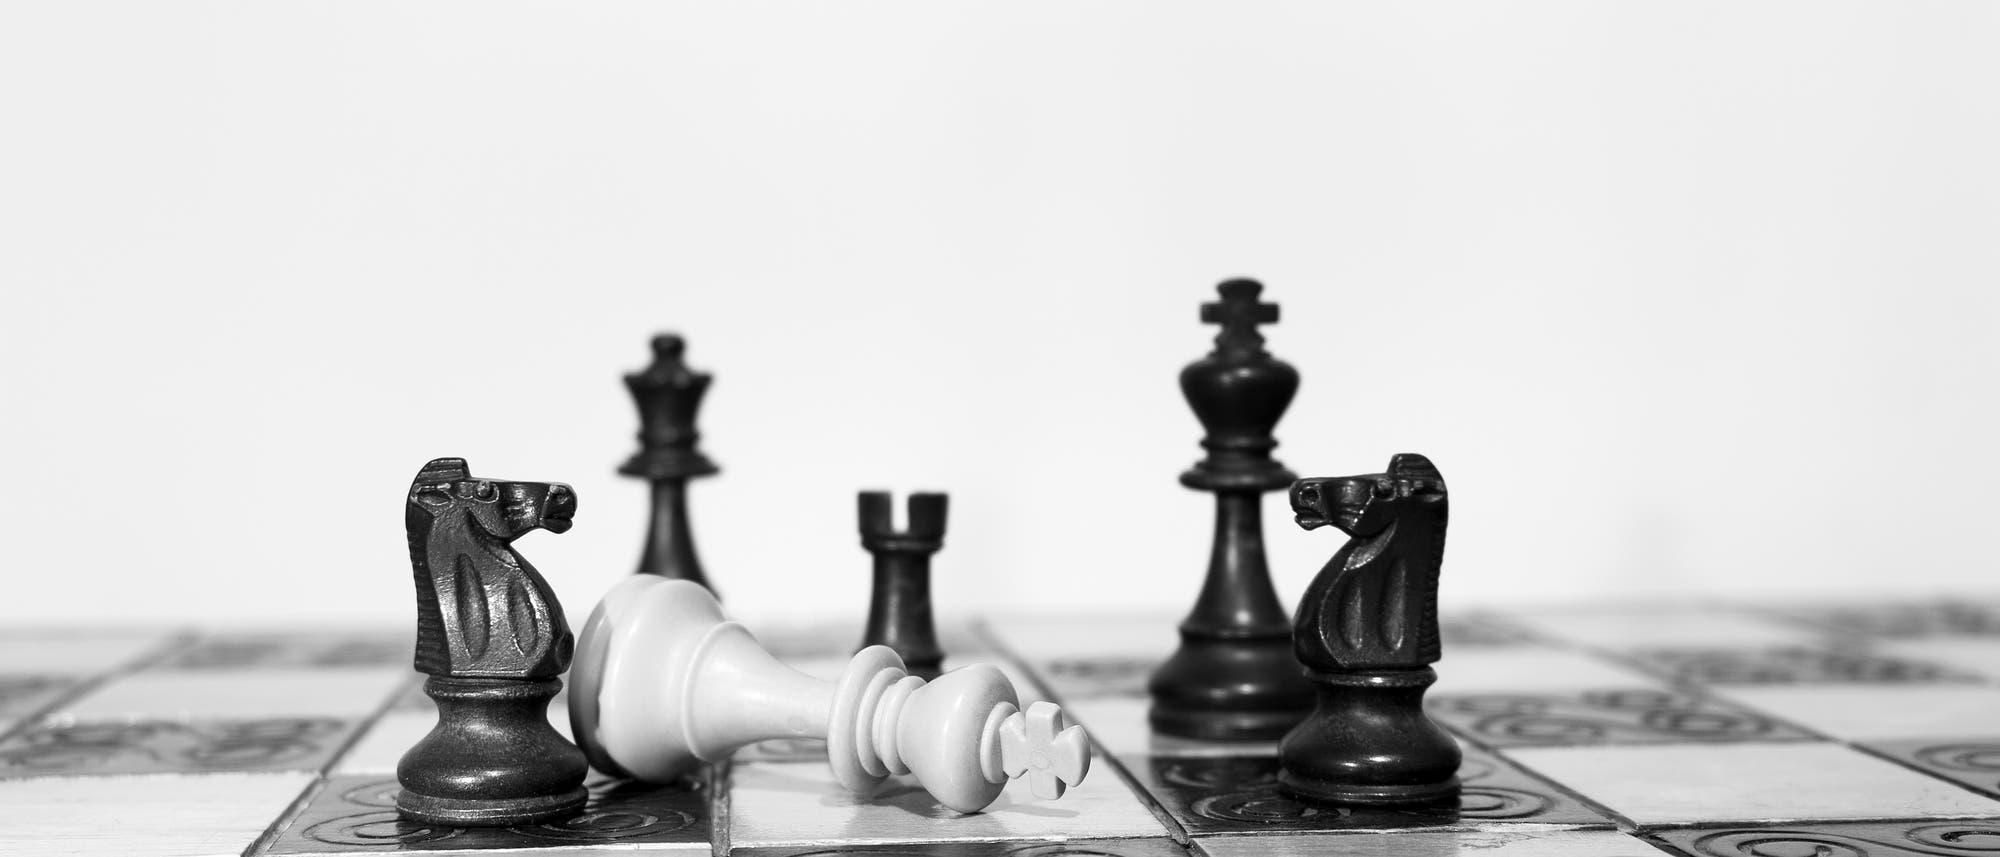 Schachfiguren auf einem Brett: Der weiße König ist gefallen